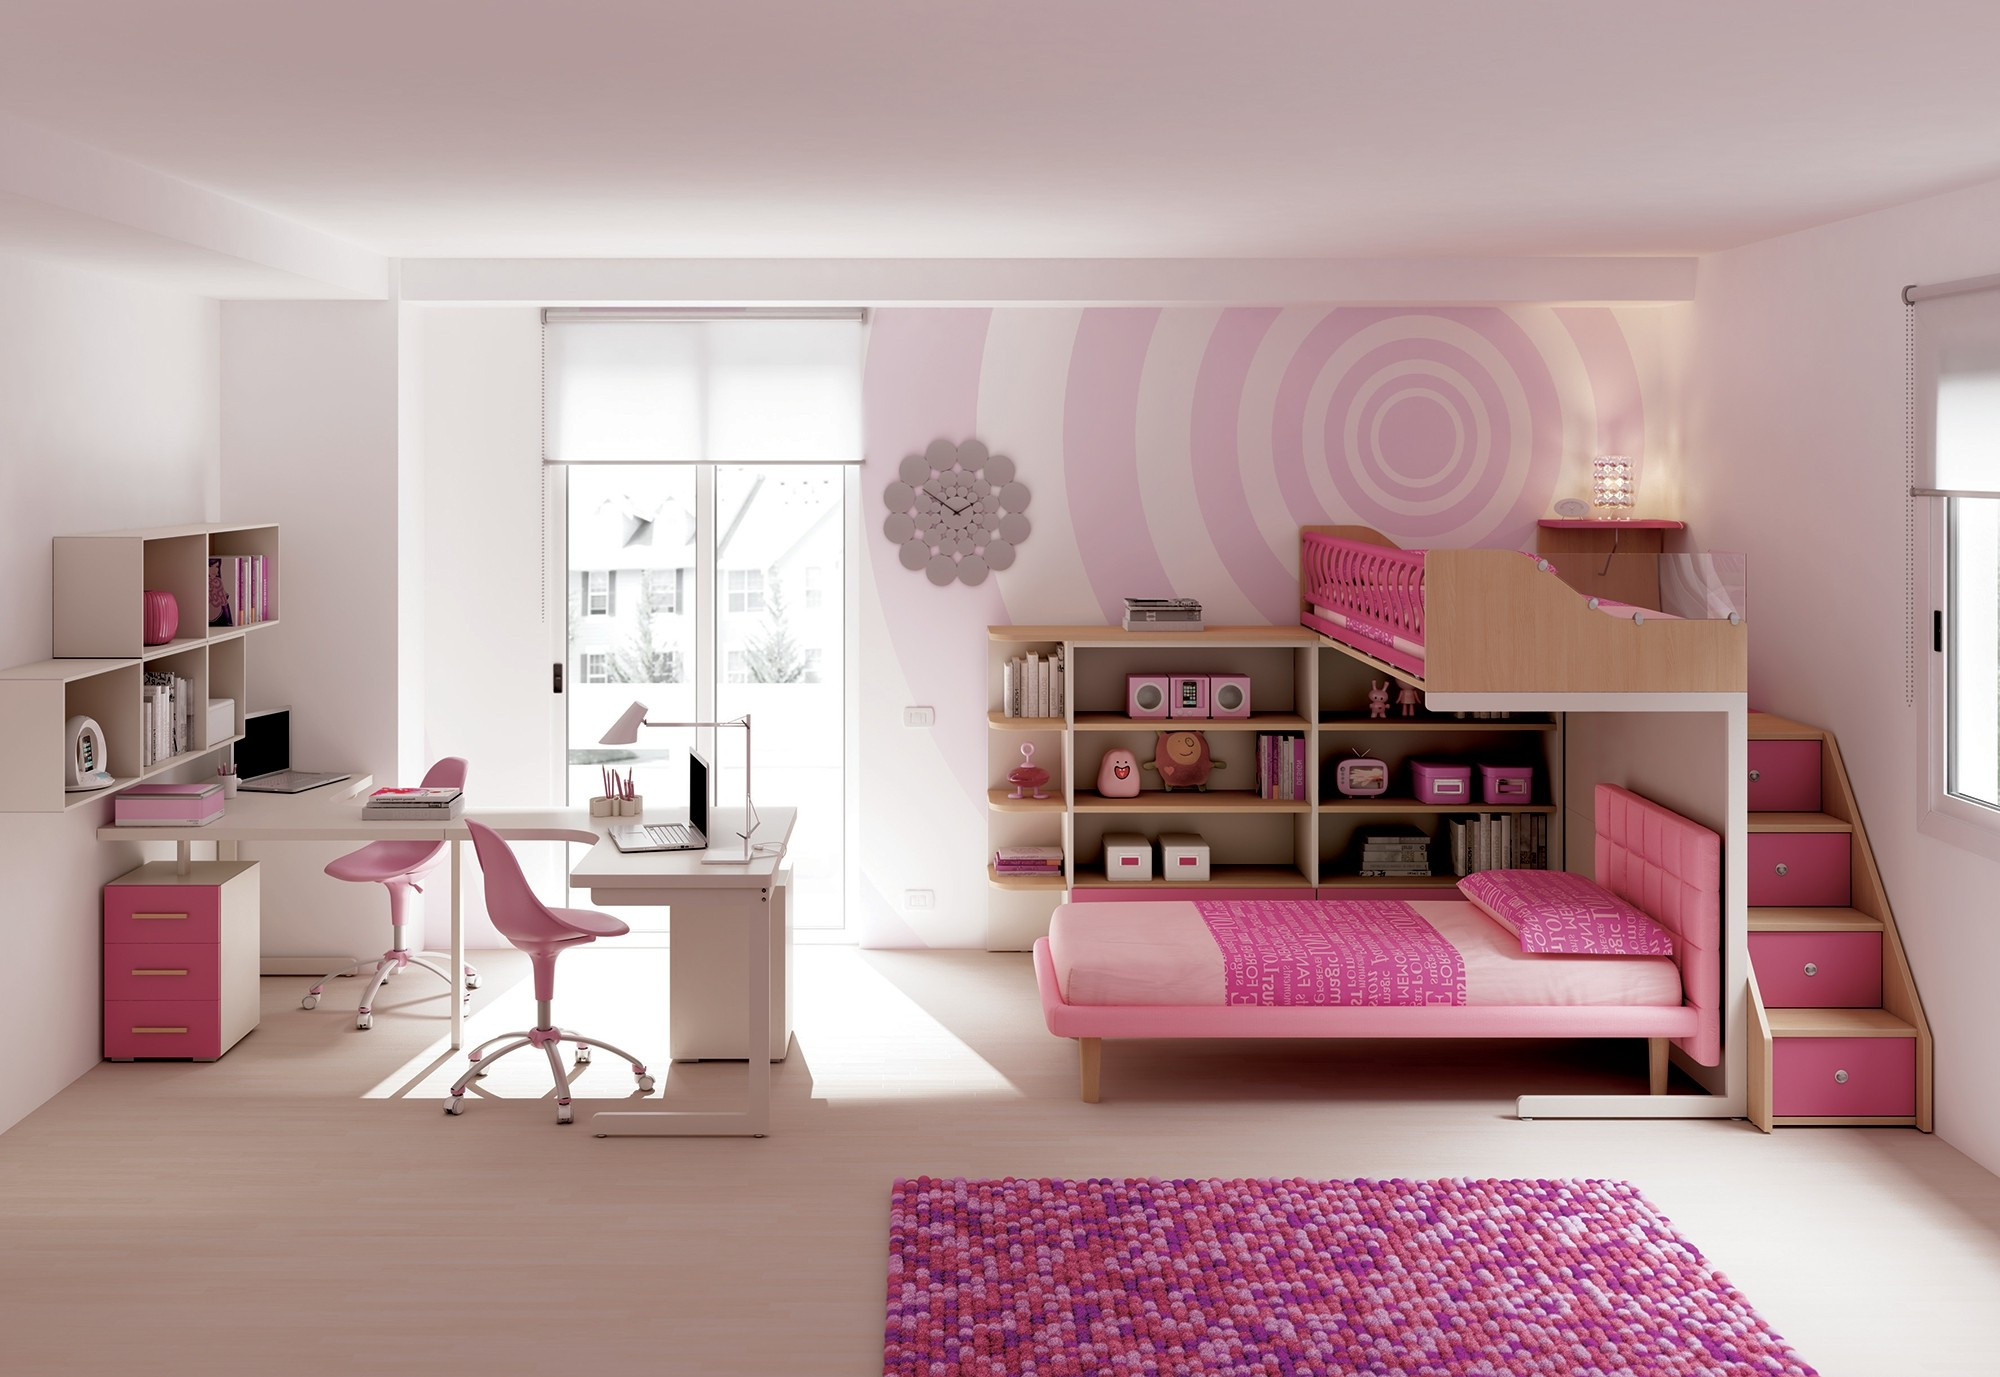 chambre fille avec lit superpos chambre id es de d coration de maison 56lgwogl30. Black Bedroom Furniture Sets. Home Design Ideas